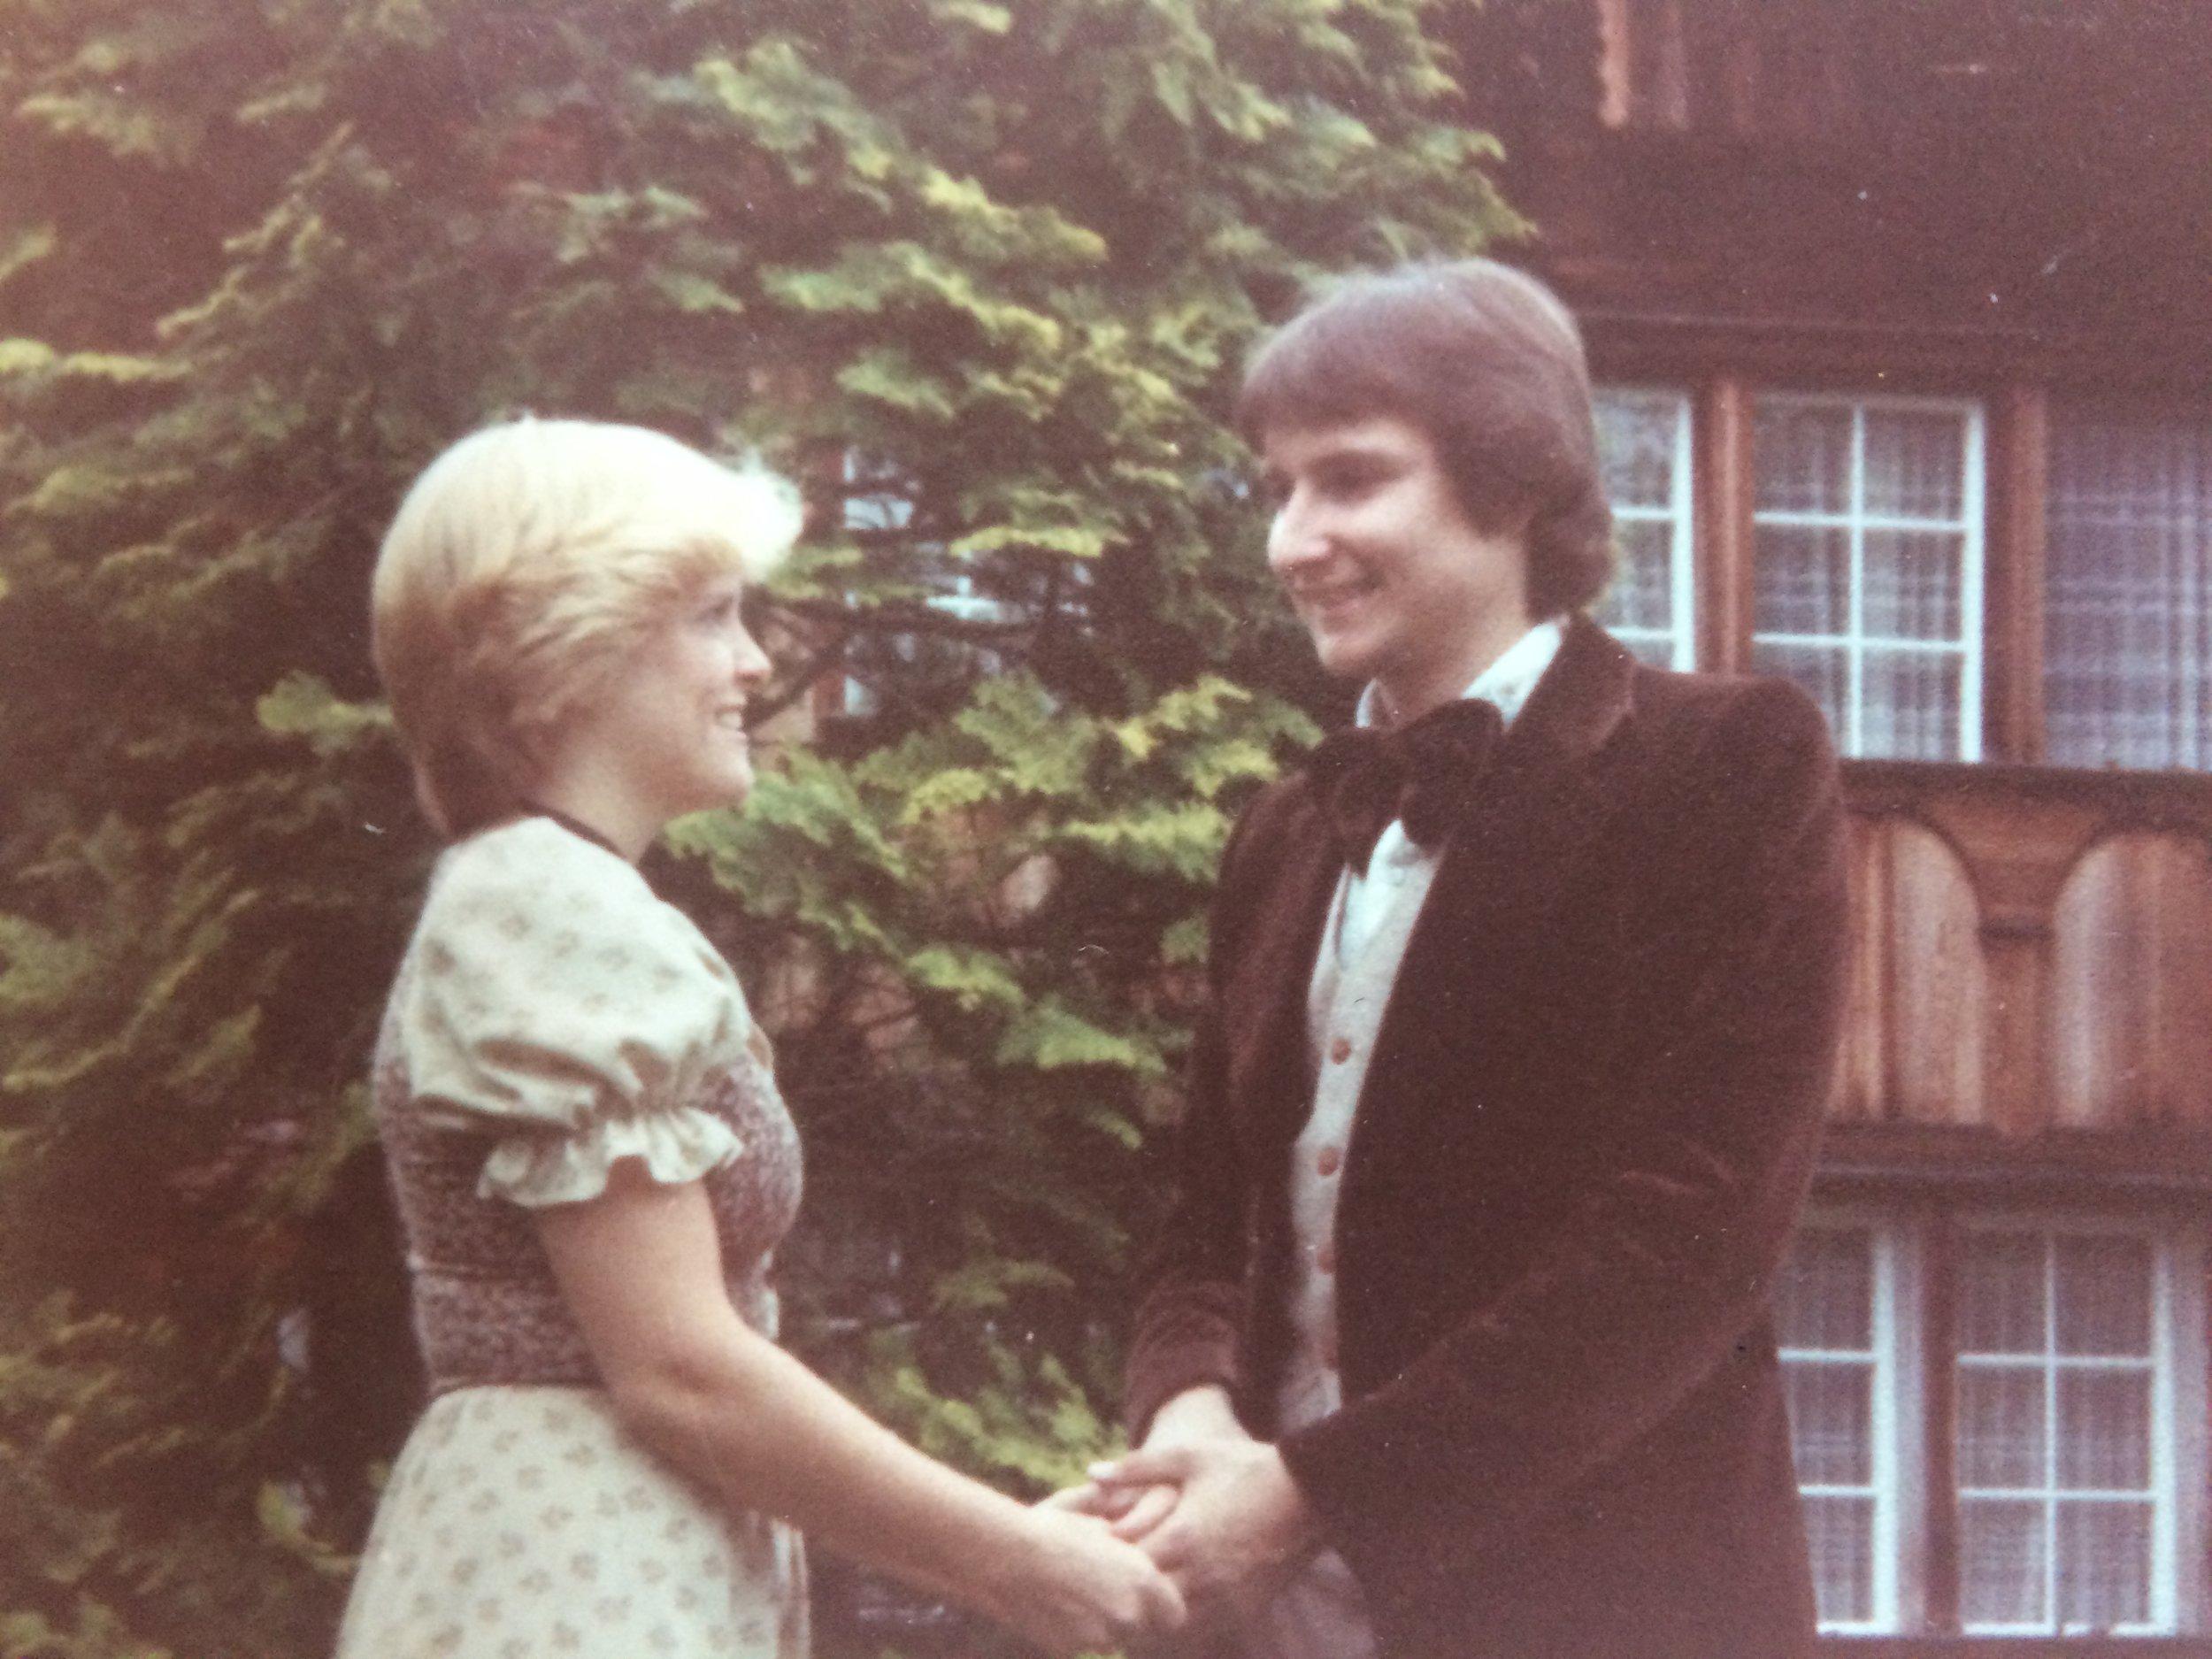 Als wir noch jung waren ... vor seinem Elternhaus